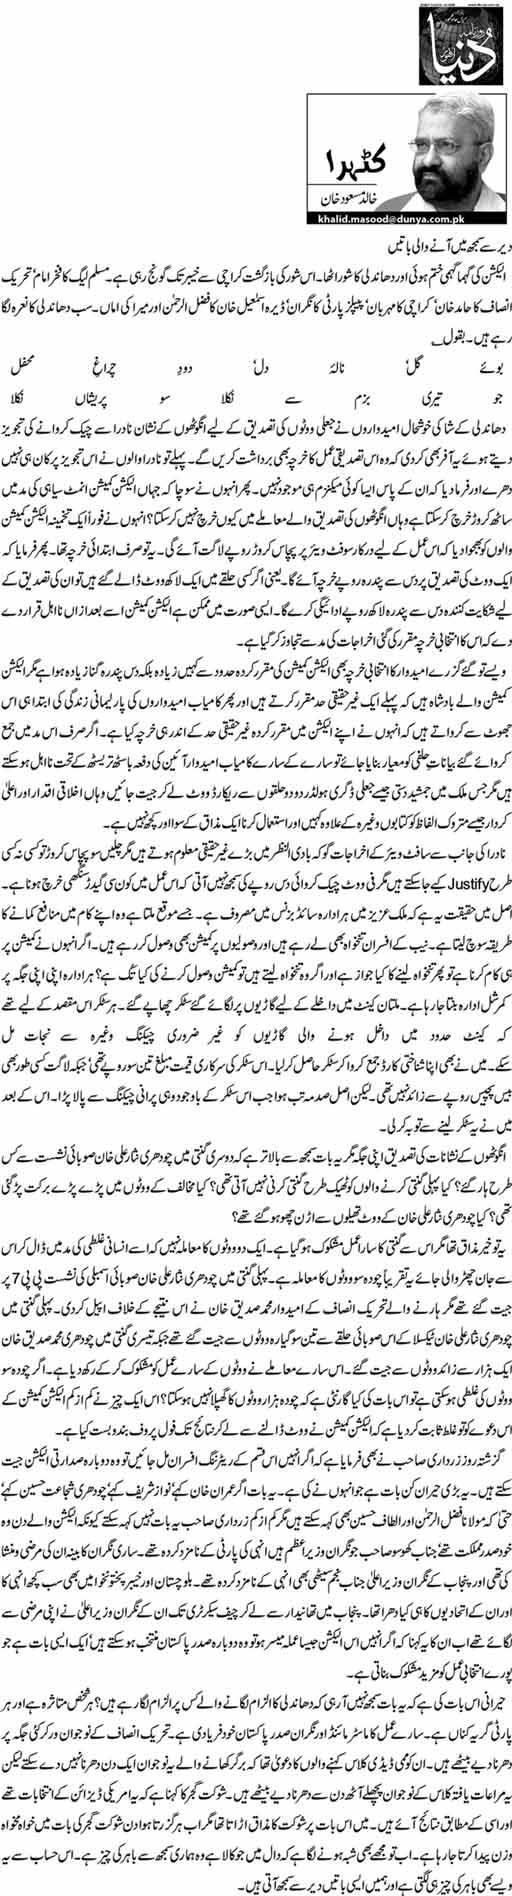 Dair Se Samajh Anay Wali Batain - Khalid Masood Khan